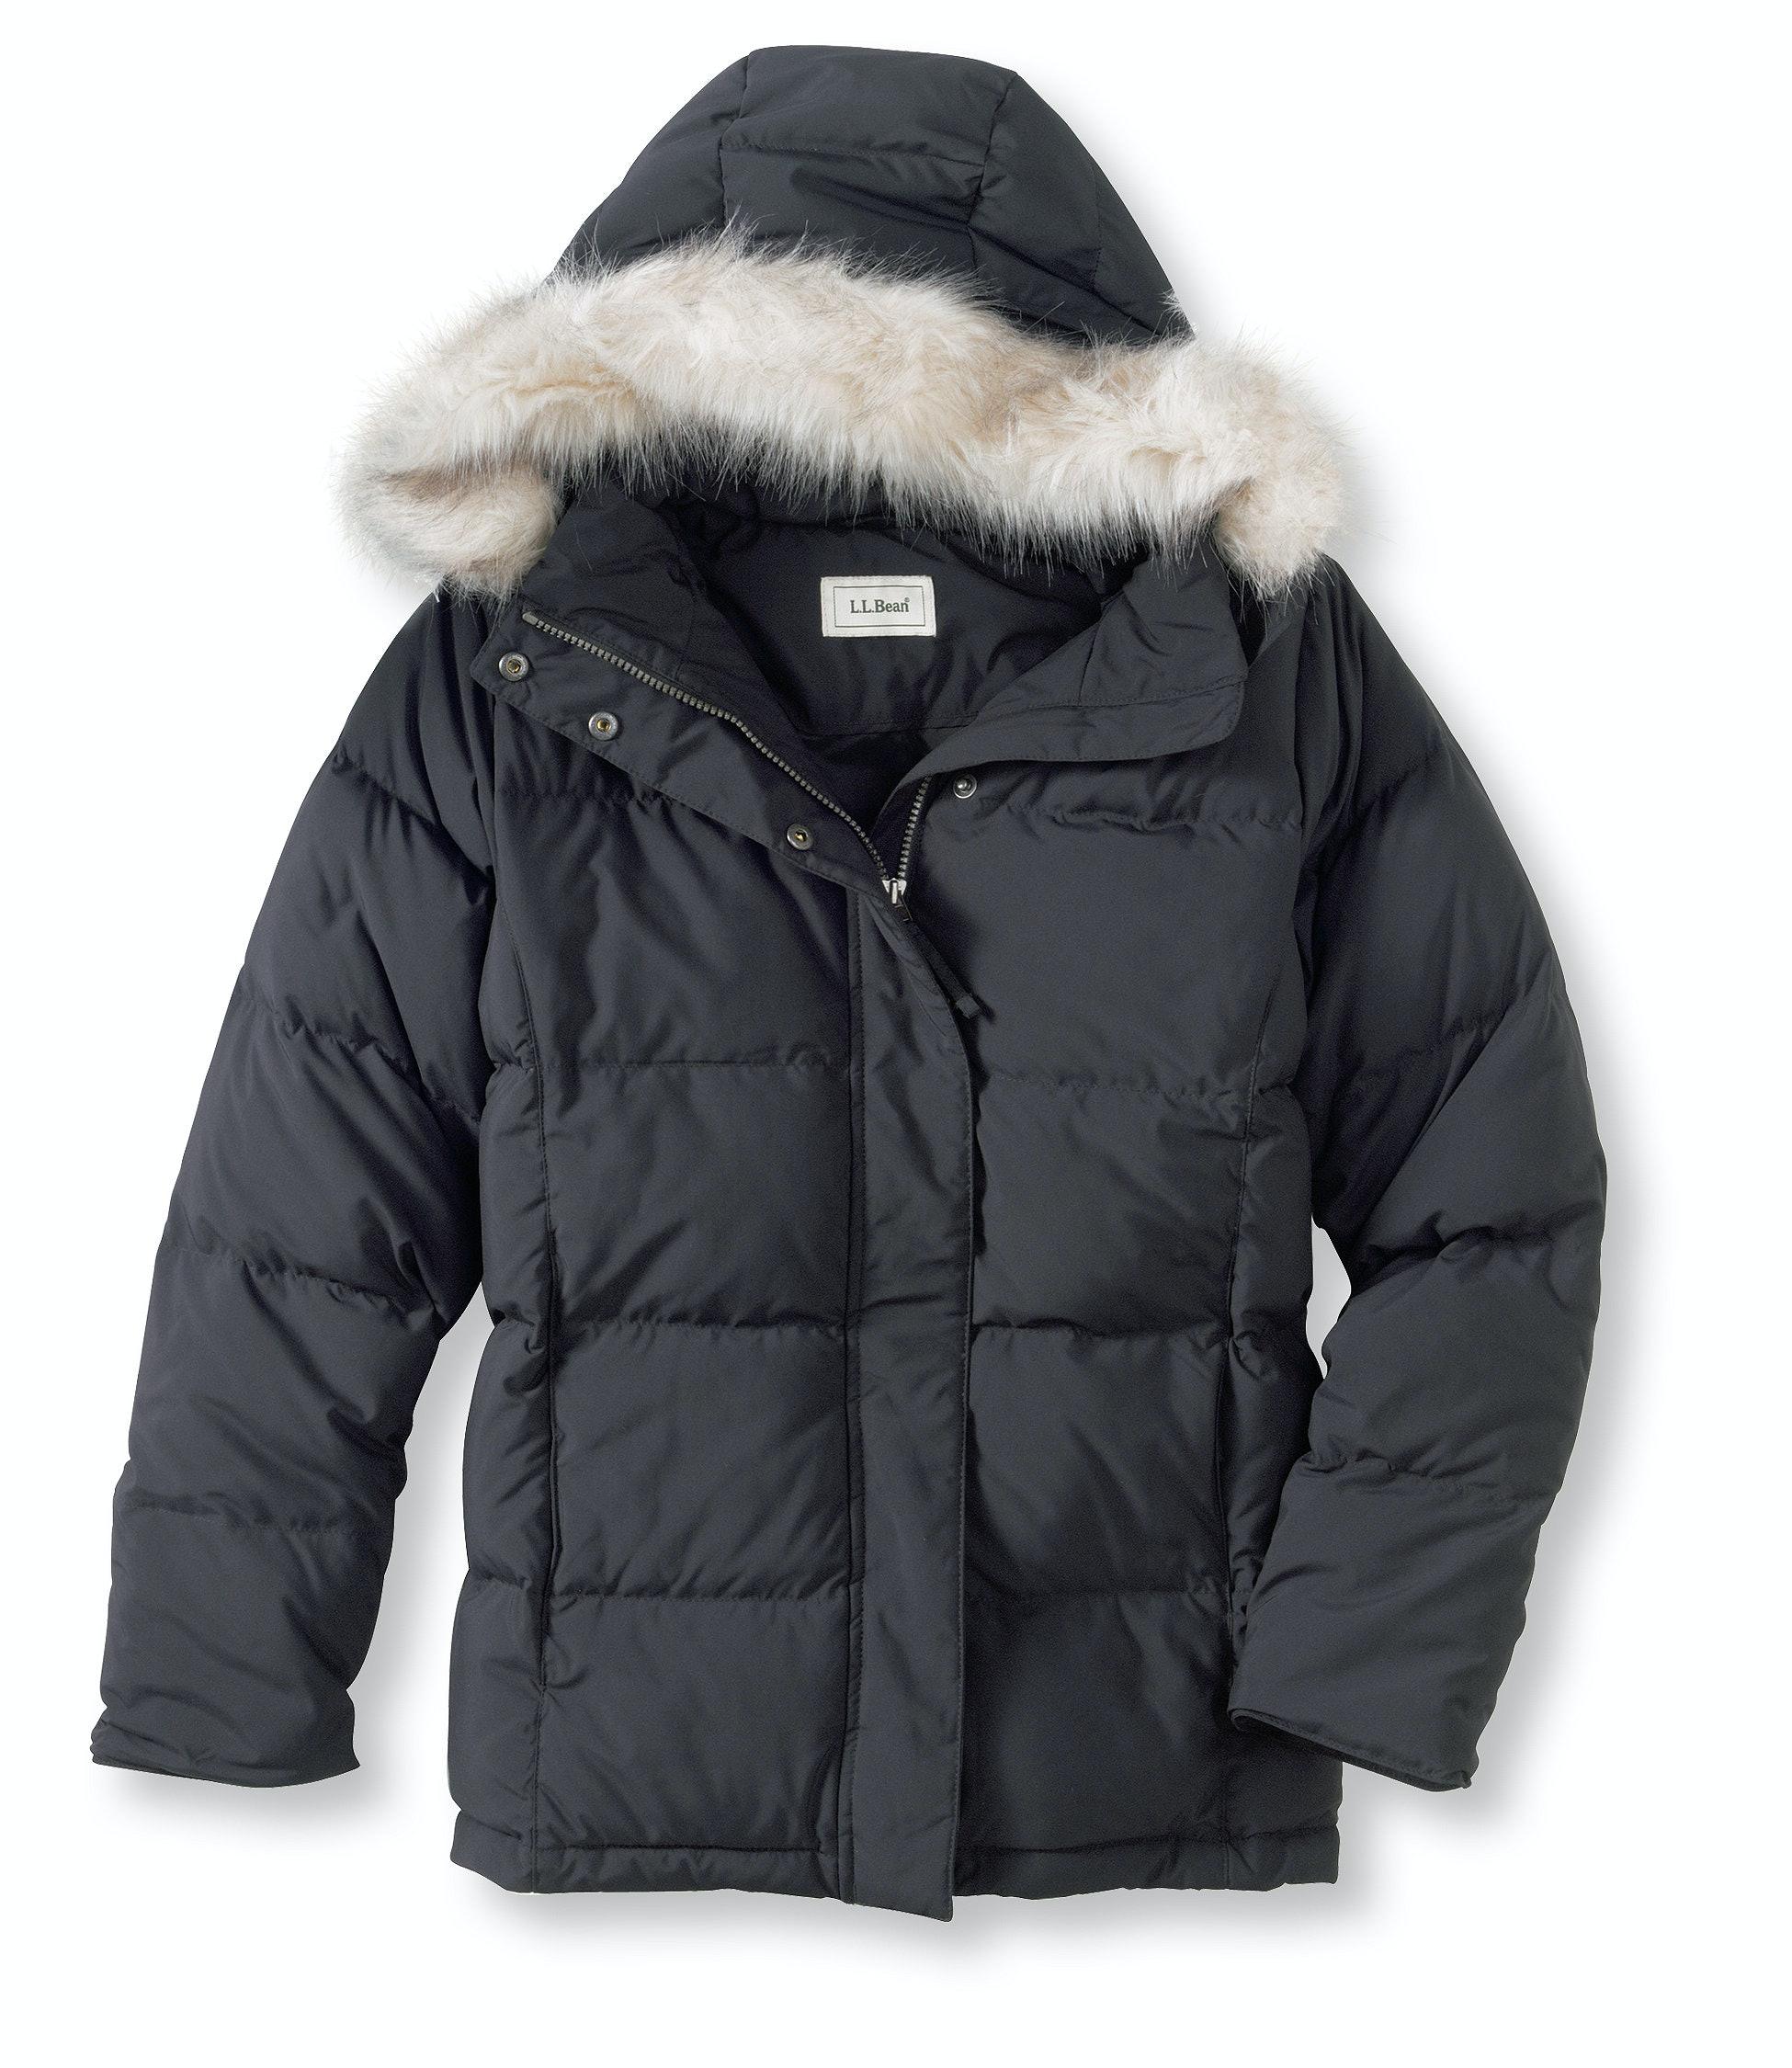 Modish Warmest Jackets World That Break Bank Photos Warmest Winter Coats Reddit Warmest Winter Coats Mens Uk bark post Warmest Winter Coats